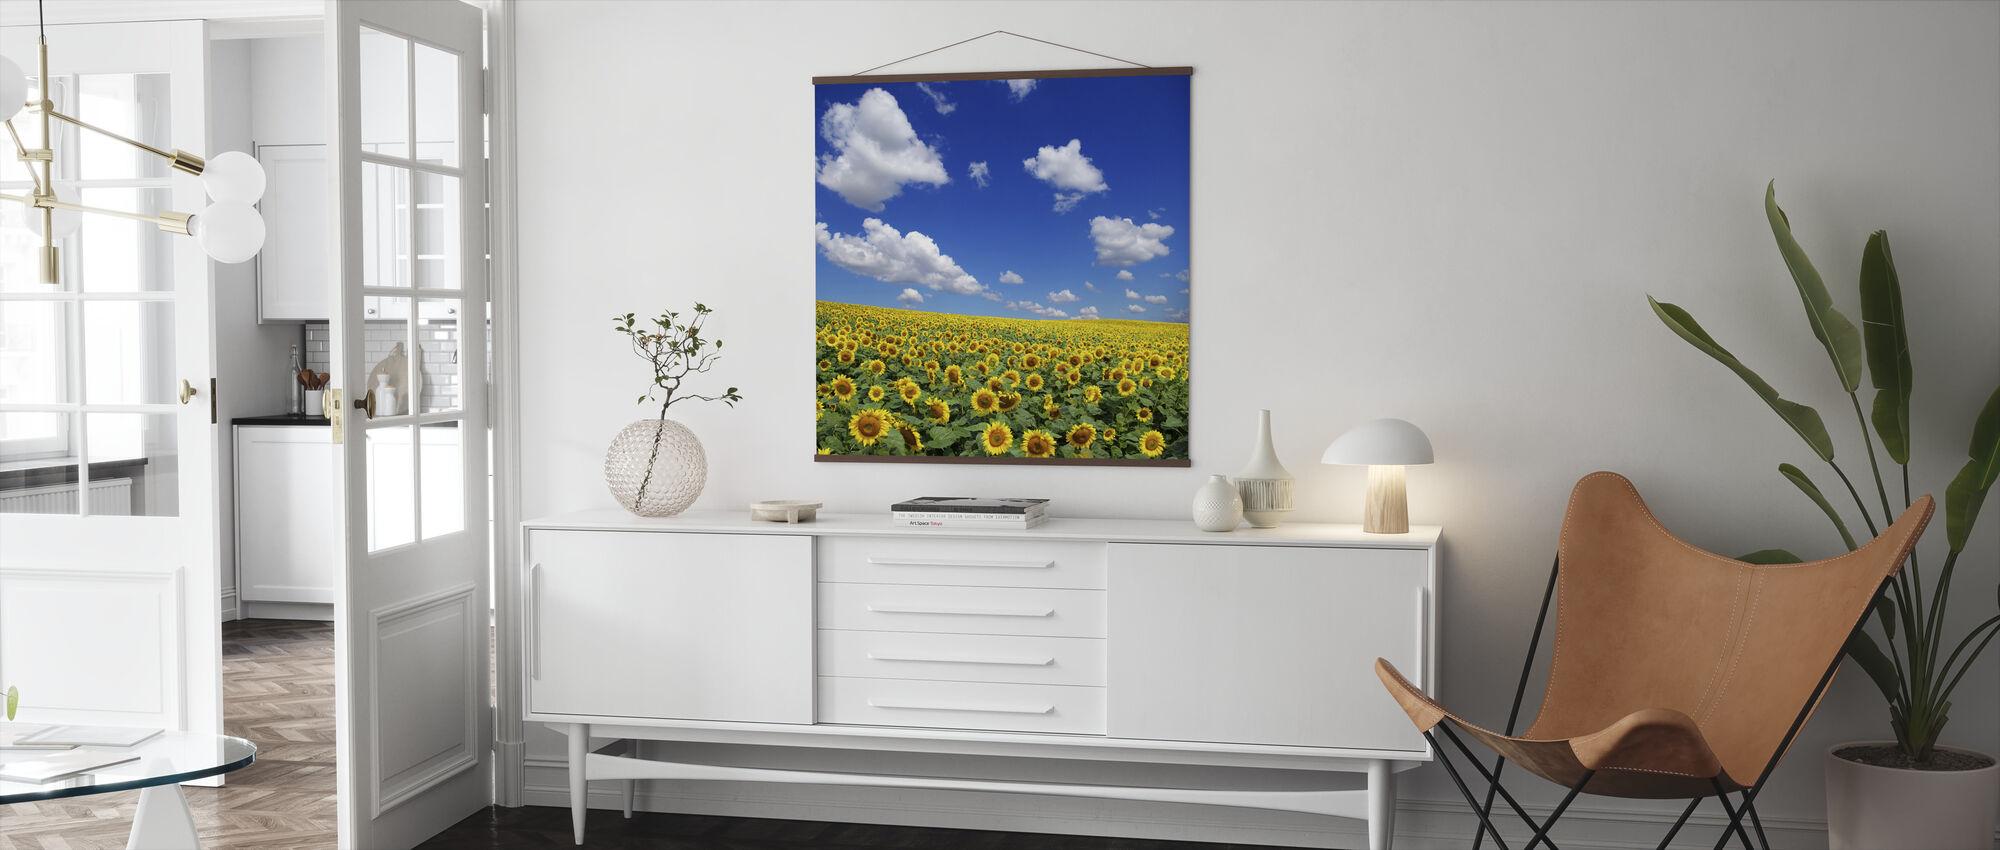 Sunflower Field - Poster - Living Room